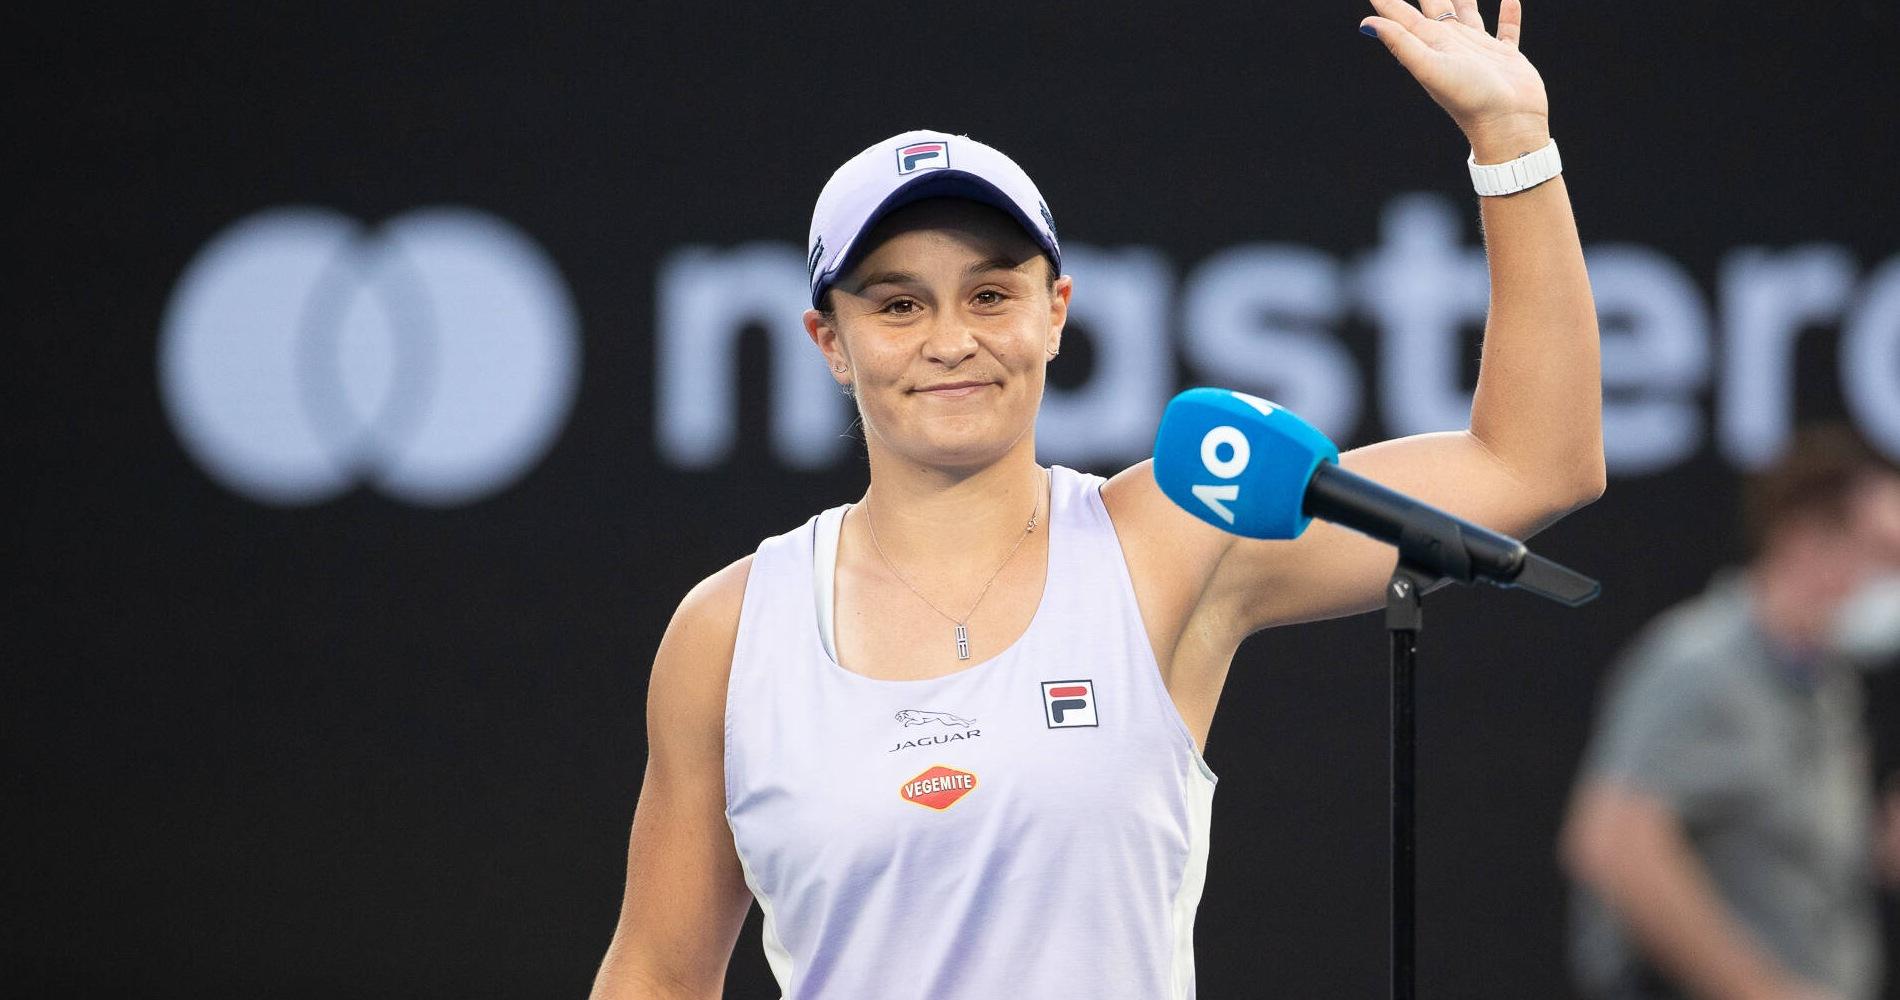 Ash Barty_Australian Open_R1 2021